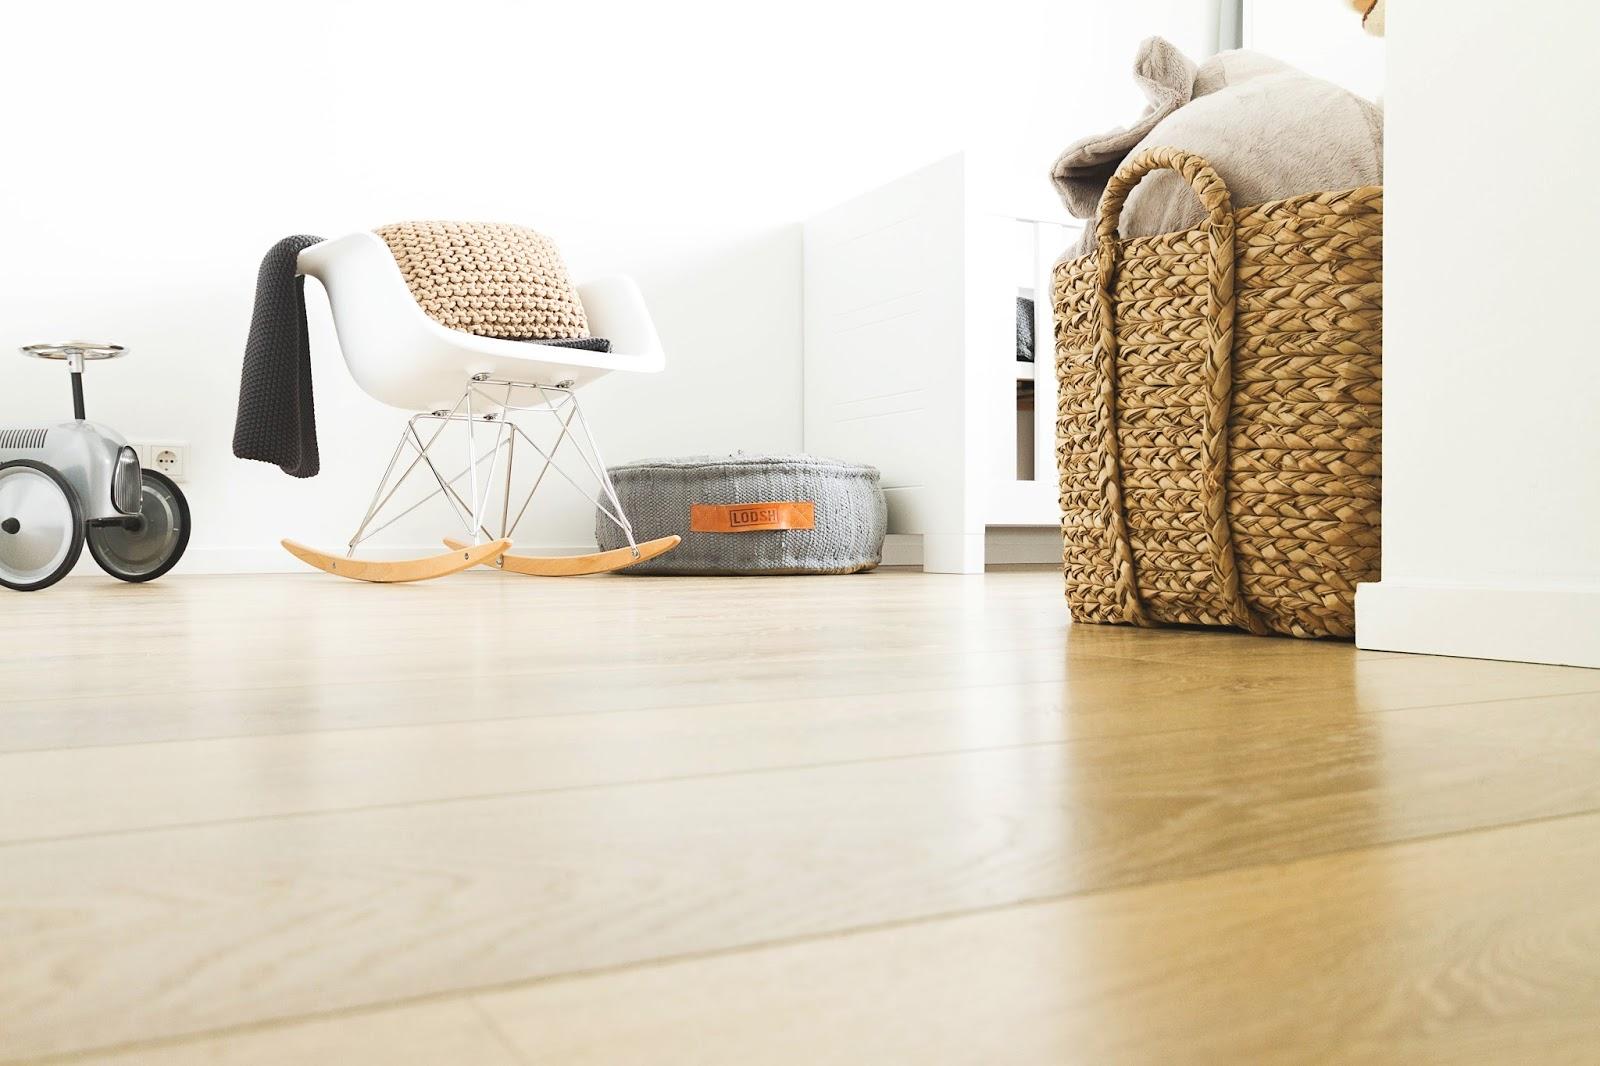 Slaapkamer Accessoires Zelf Maken: Wandlamp slaapkamer consenza for ...